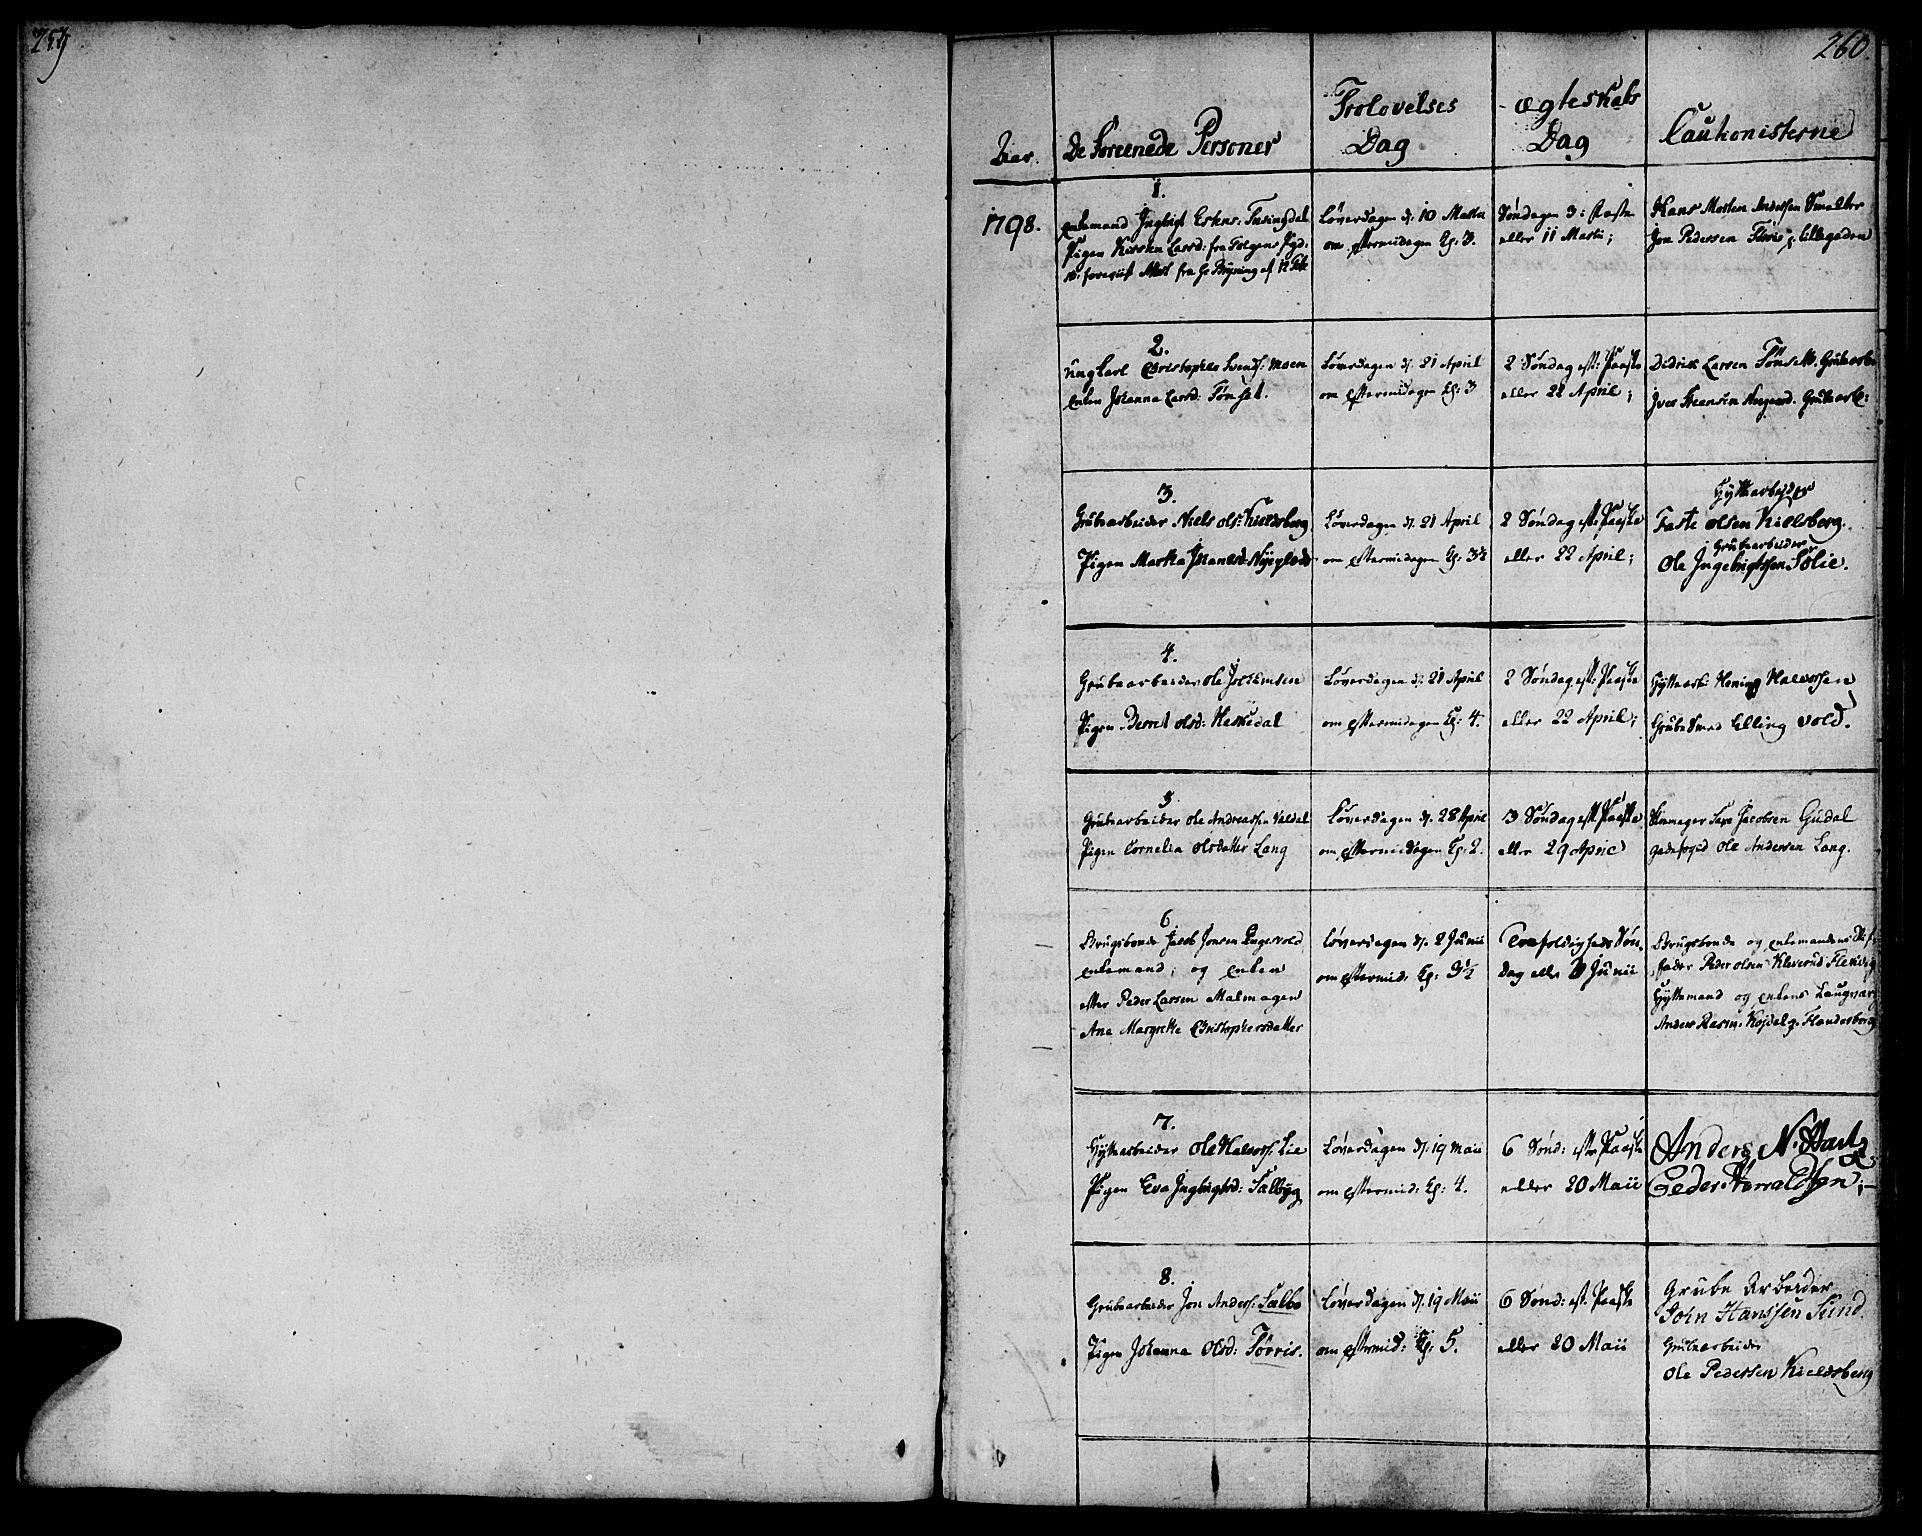 SAT, Ministerialprotokoller, klokkerbøker og fødselsregistre - Sør-Trøndelag, 681/L0927: Ministerialbok nr. 681A05, 1798-1808, s. 259-260